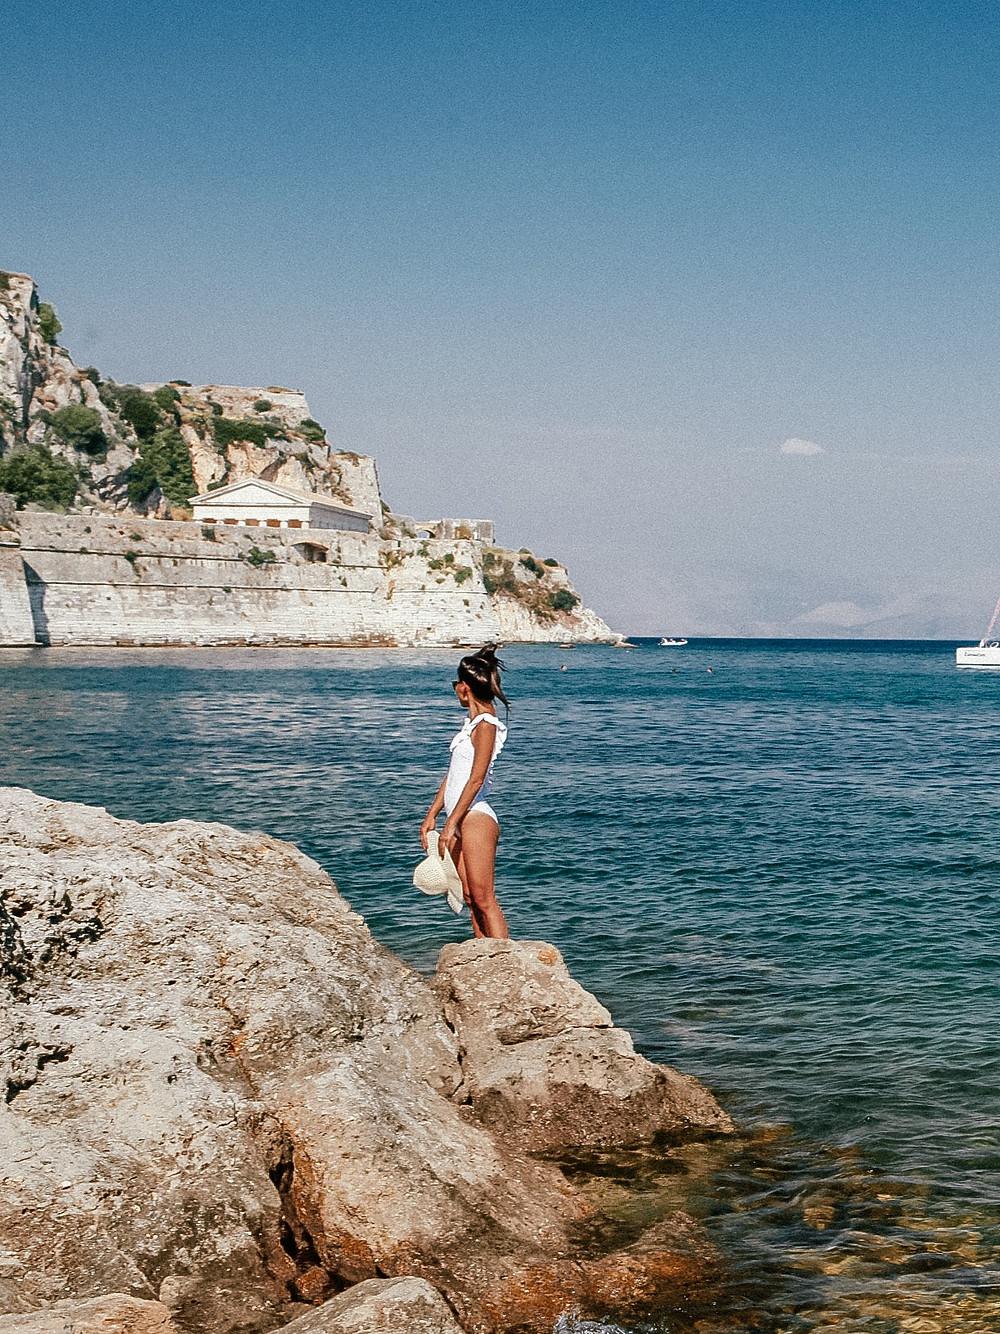 Corfu Old Town Beach, Greece